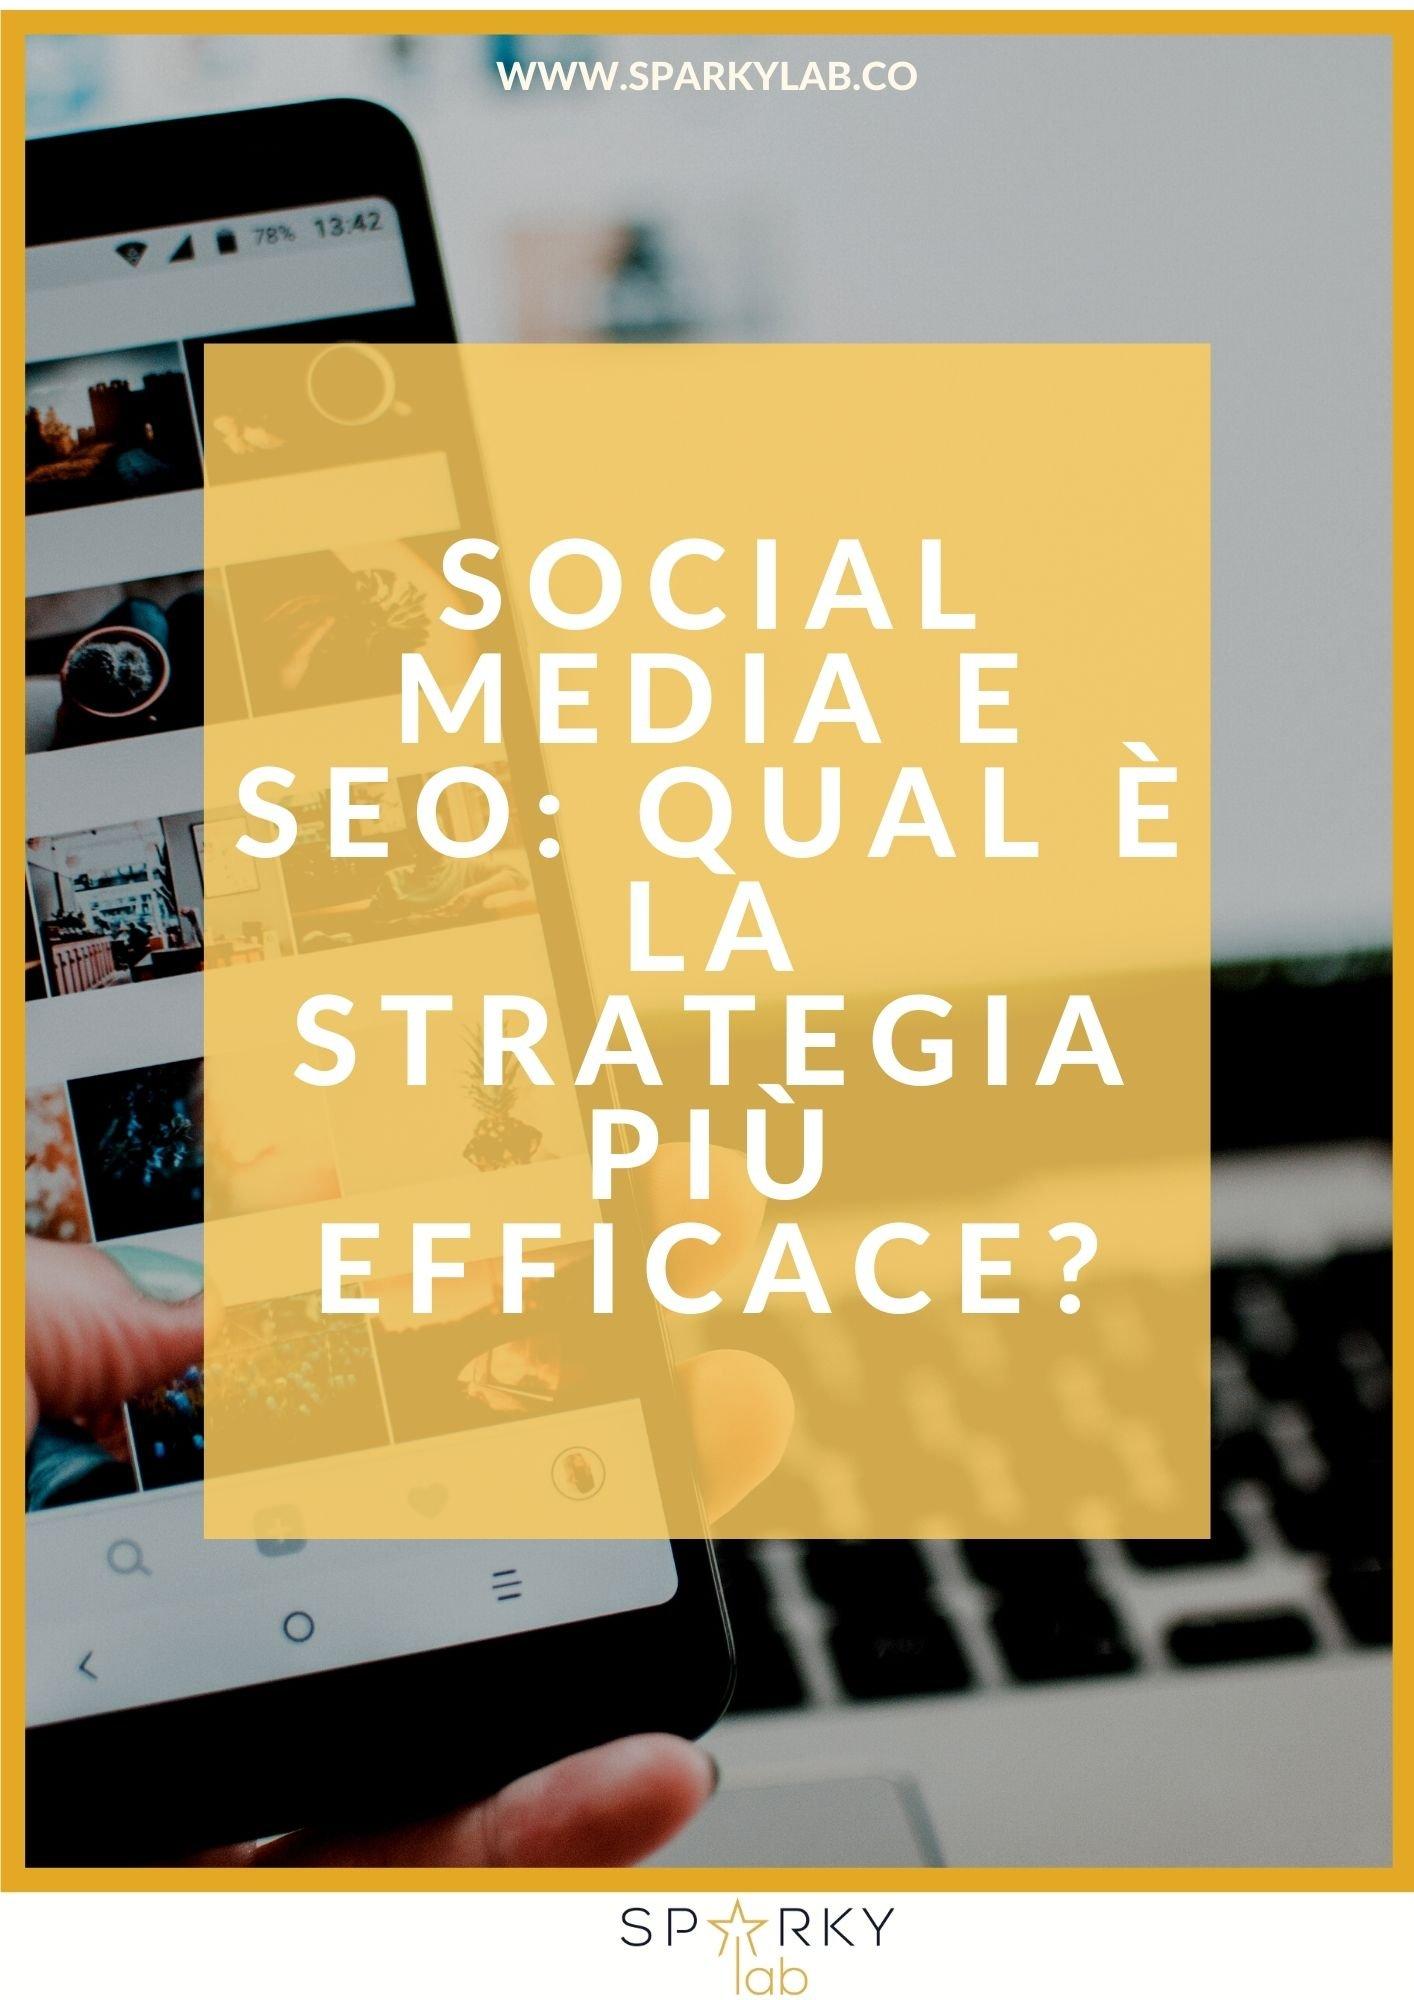 cellulare sullo sfondo e scritta Social Media e SEO: qual è la strategia più efficace?